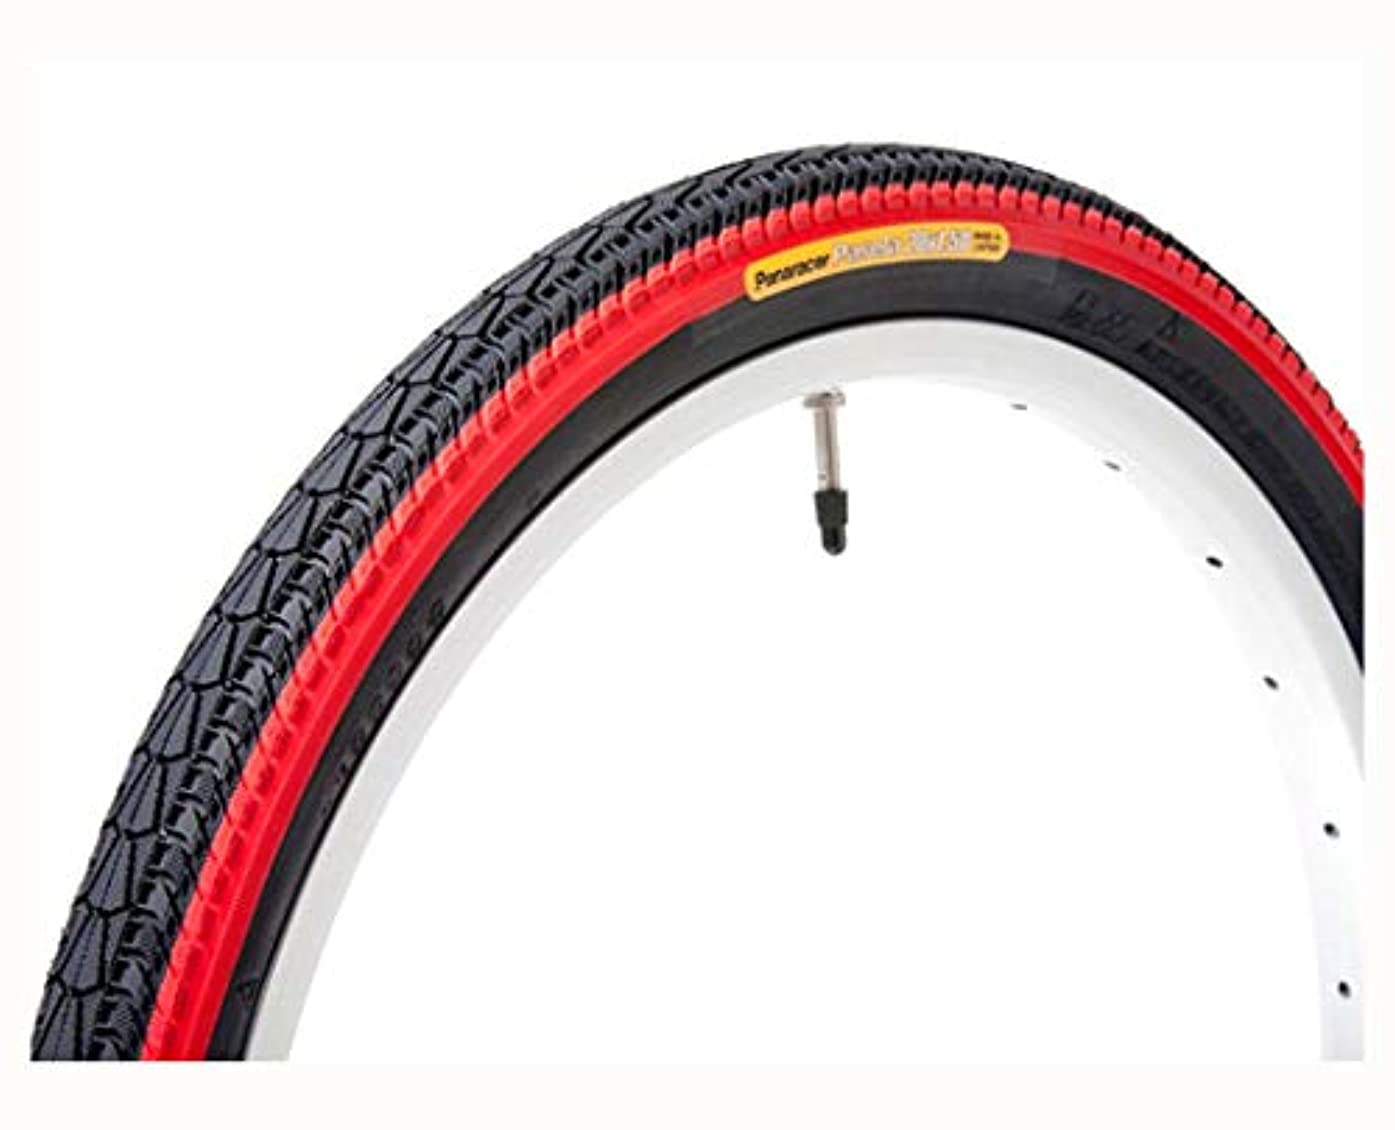 ヒロイン含める見かけ上Panaracer(パナレーサー) PASELA COMPACT(パセラコンパクト) 小径車タイヤ [ブラック/レッドライン 20x1.50]